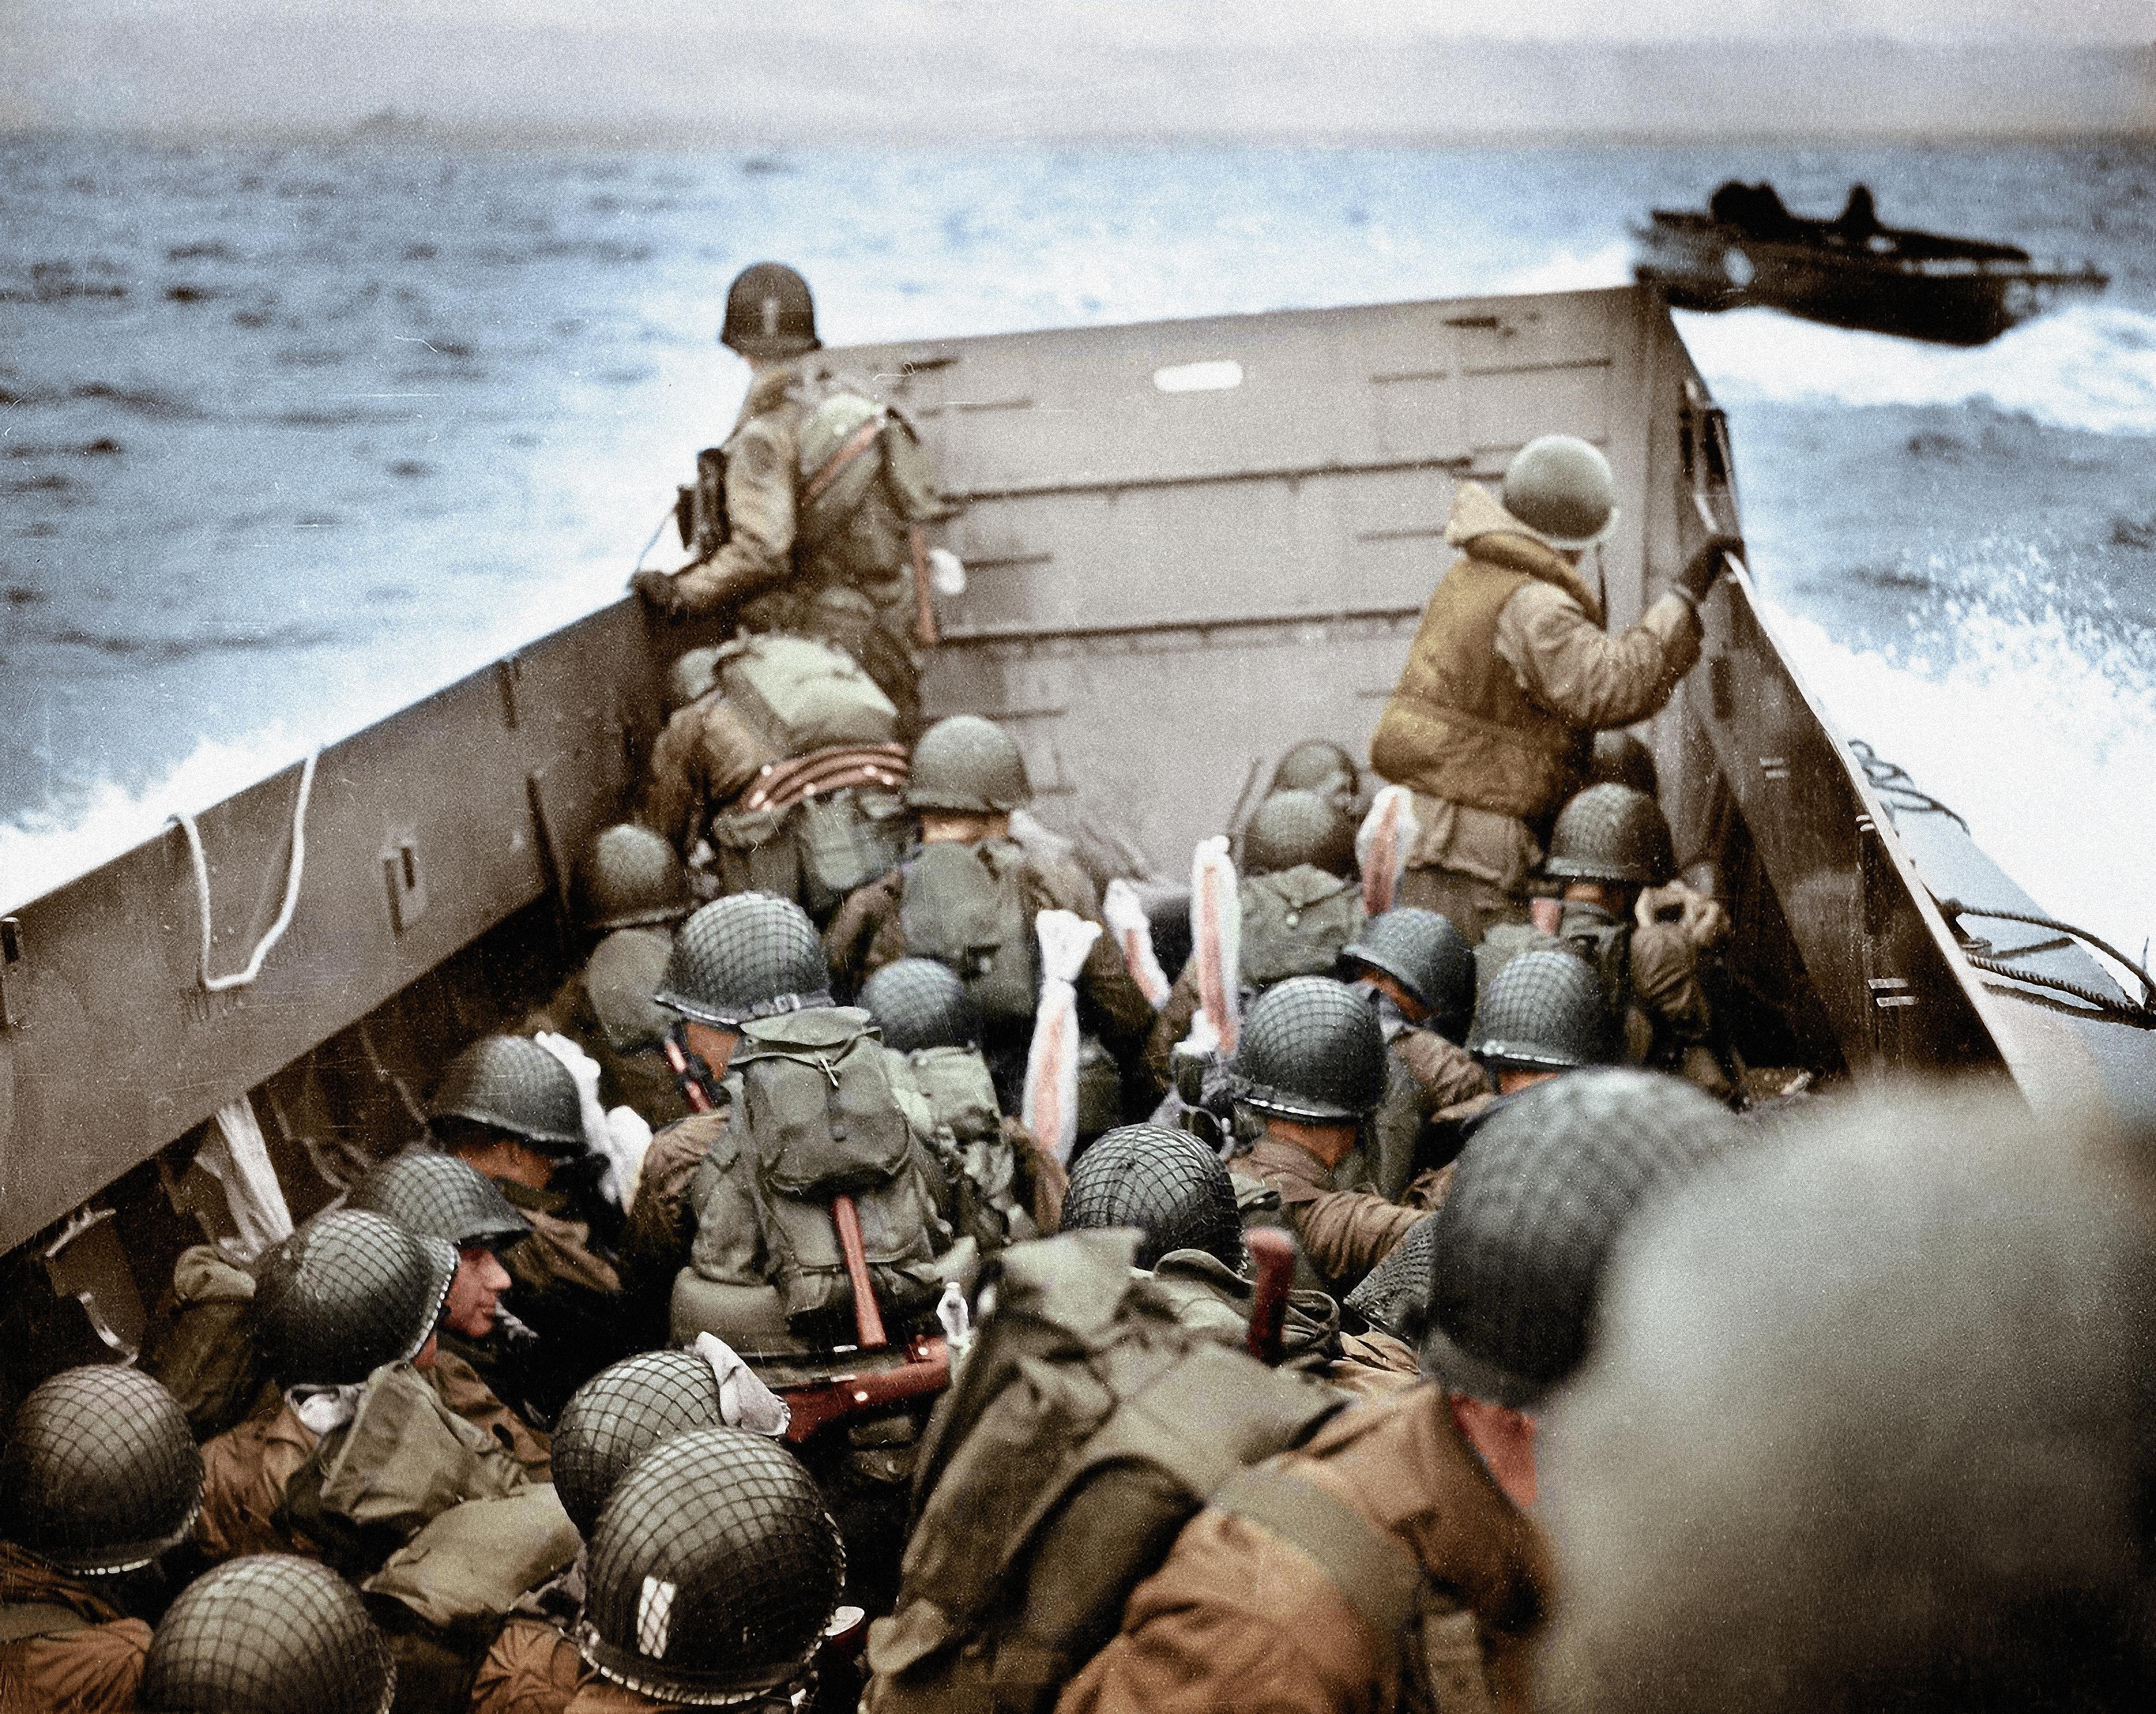 WW2 D-Day Invasion Combat Scene Picture